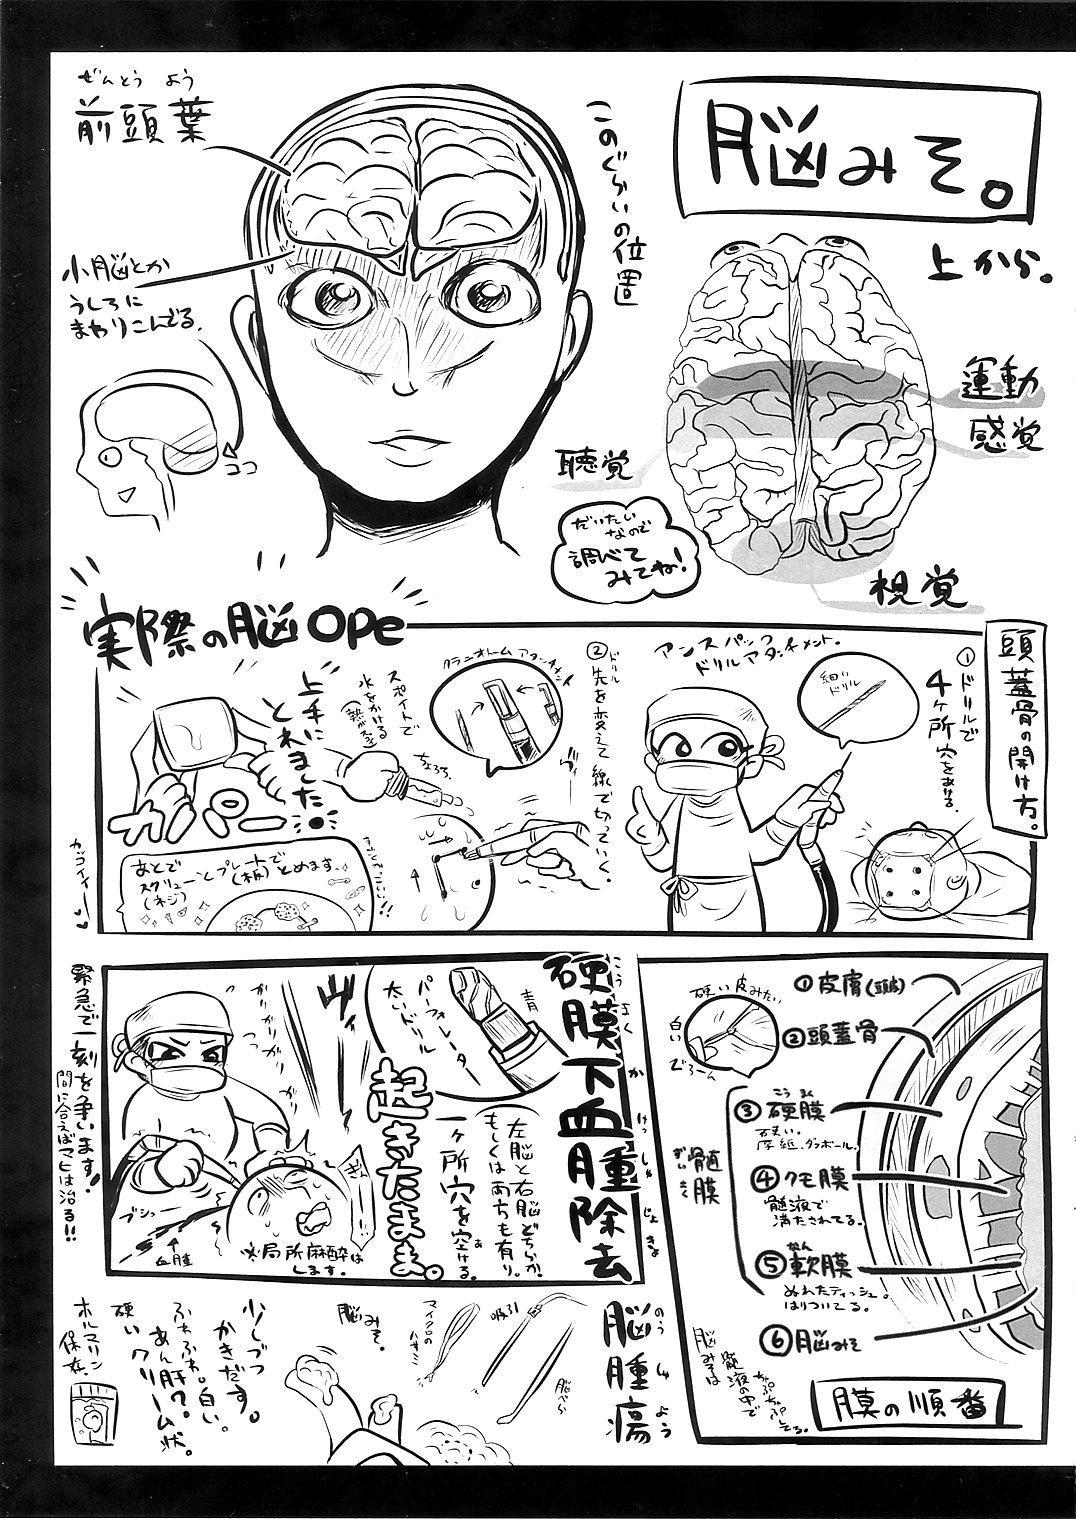 Ryonara no Tame no Kaibou Seiri 16